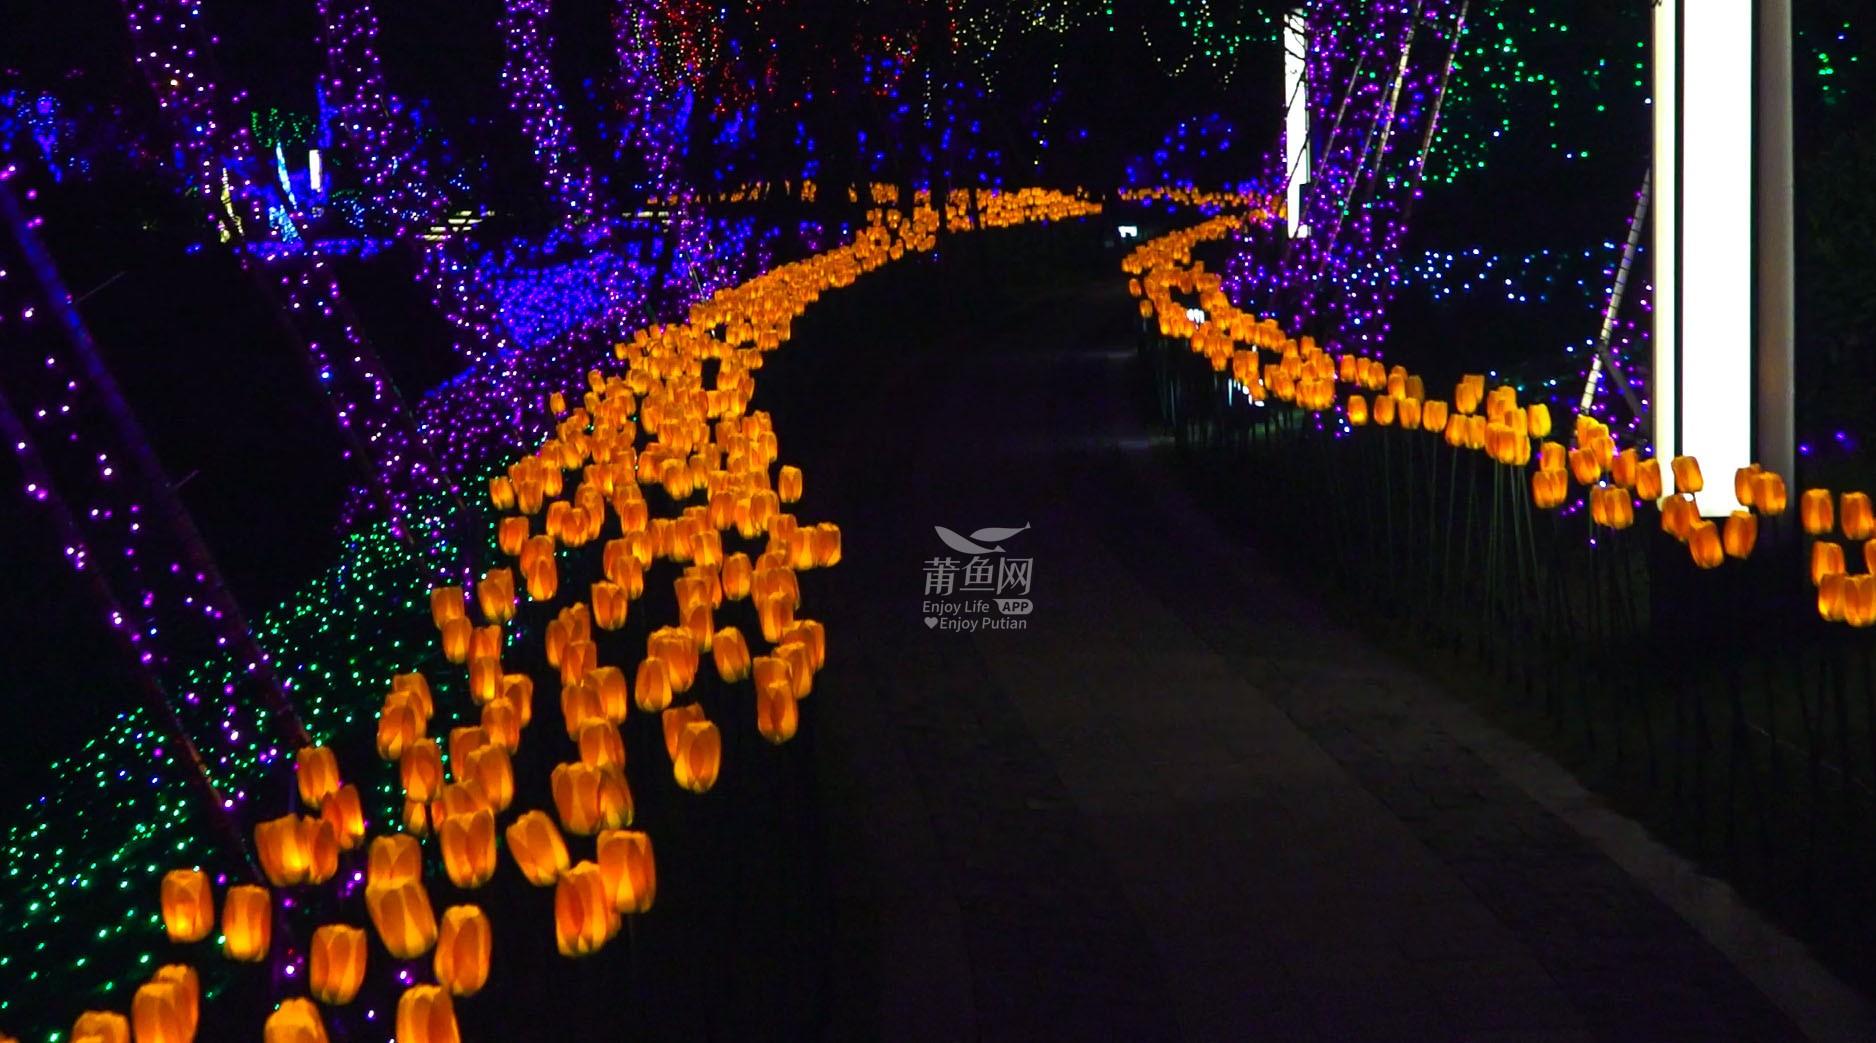 正荣白棠云麓湖畔灯光展!